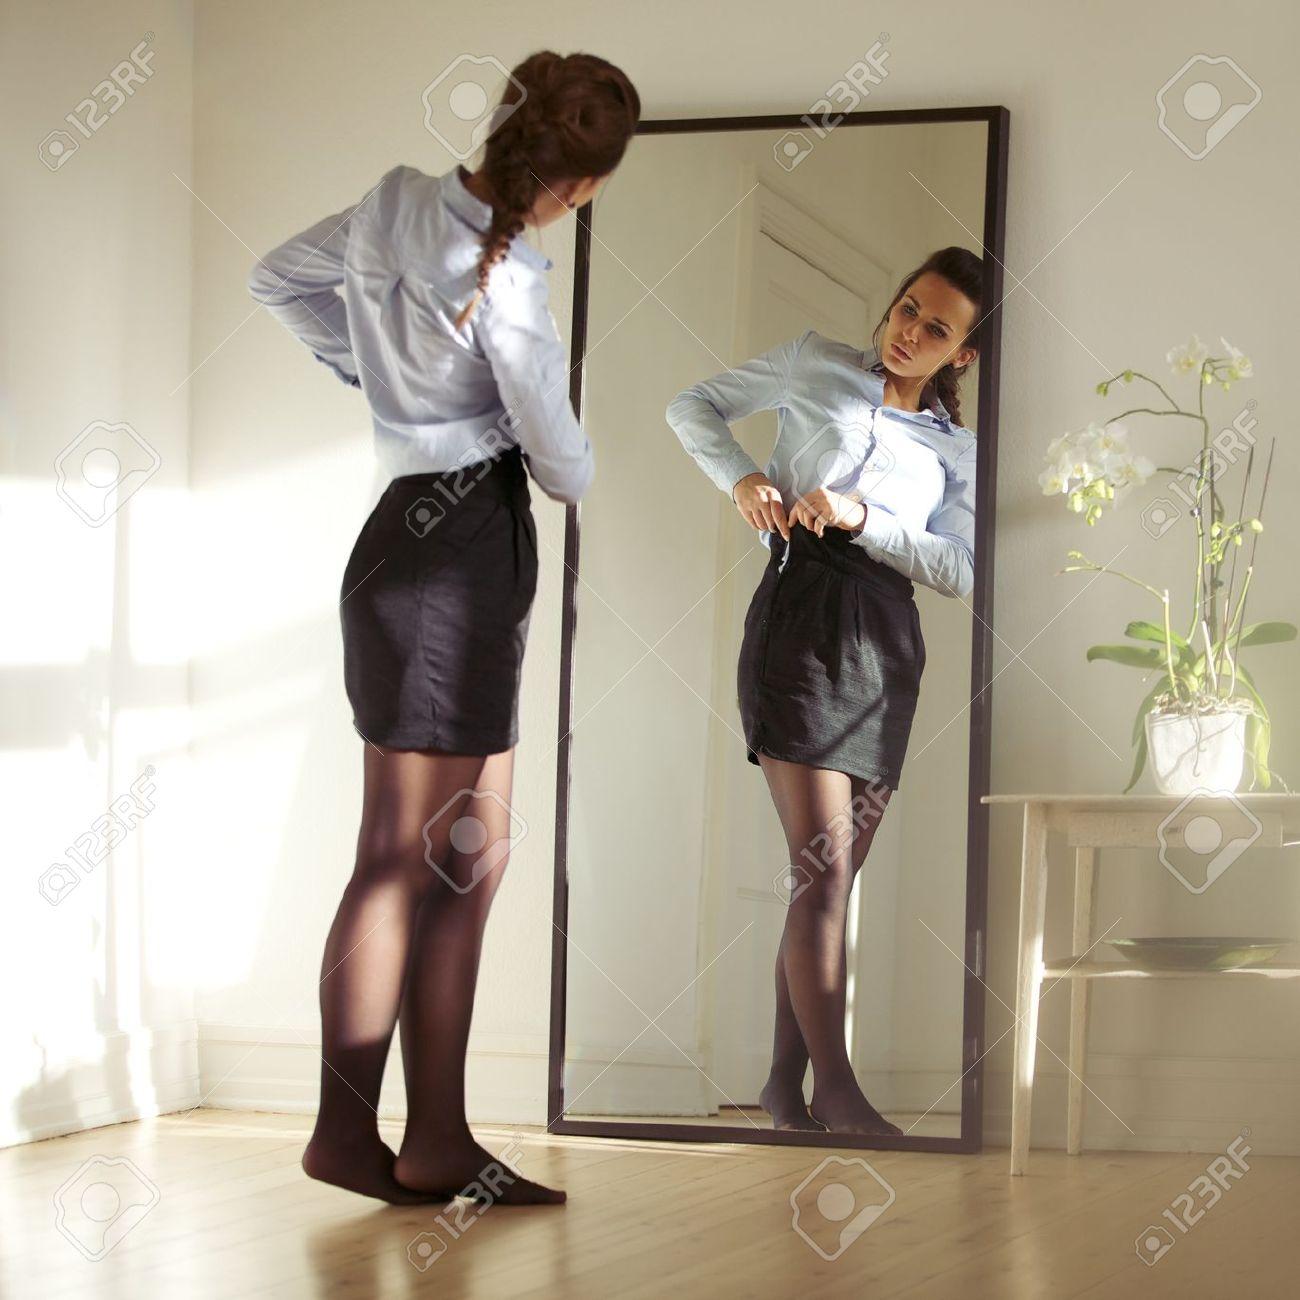 3846f33e6 Empresaria bastante joven que se fija la falda delante del espejo. Hermosa  modelo de mujer caucásica preparándose para el trabajo.